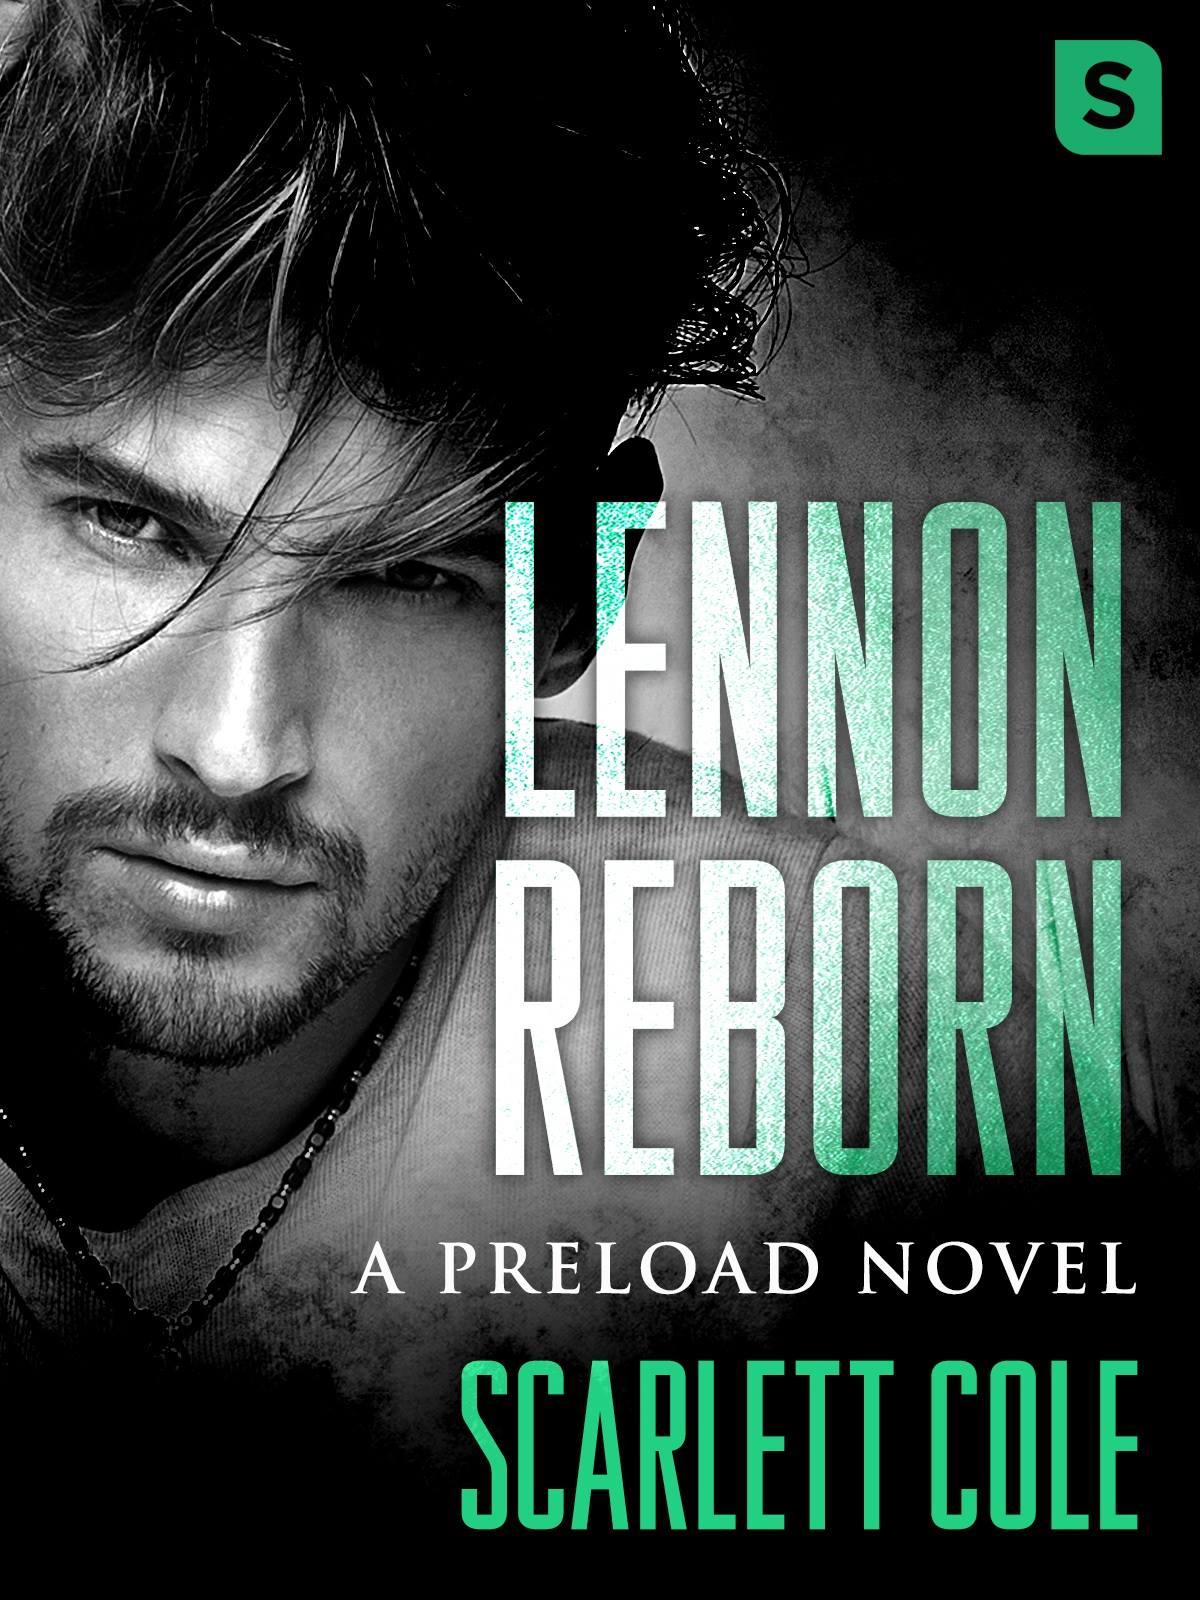 Lennon Reborn by Scarlett Cole